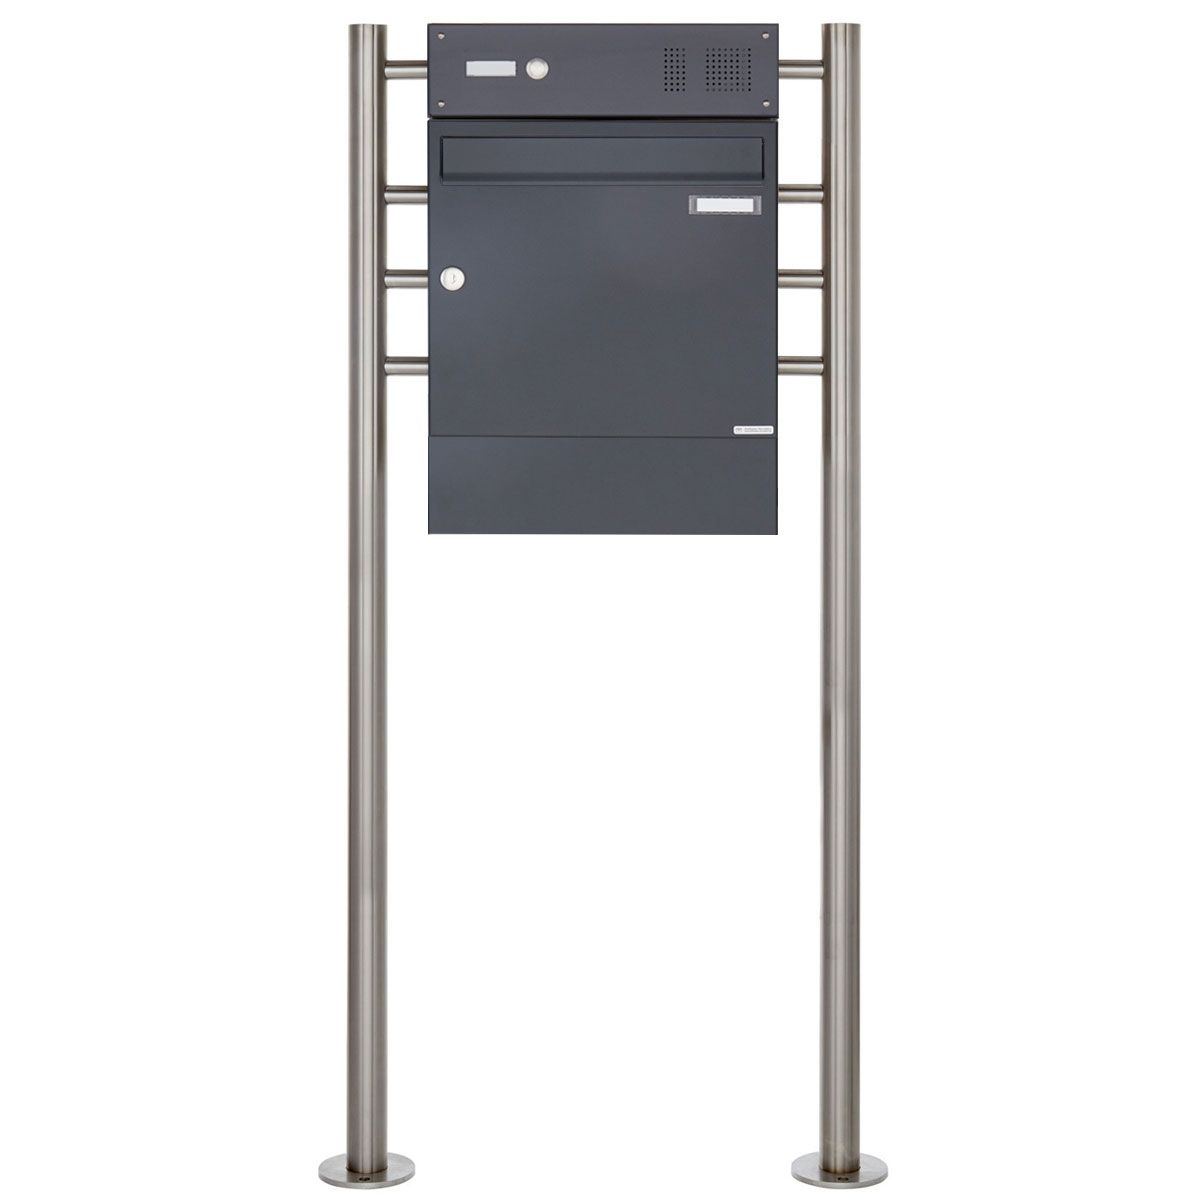 Standbriefkasten Design Basic 381 St R Mit Klingelkasten Zeitungsfach Ral 7016 Anthrazitgrau In 2020 Briefkasten Freistehend Anthrazit Grau Standbriefkasten